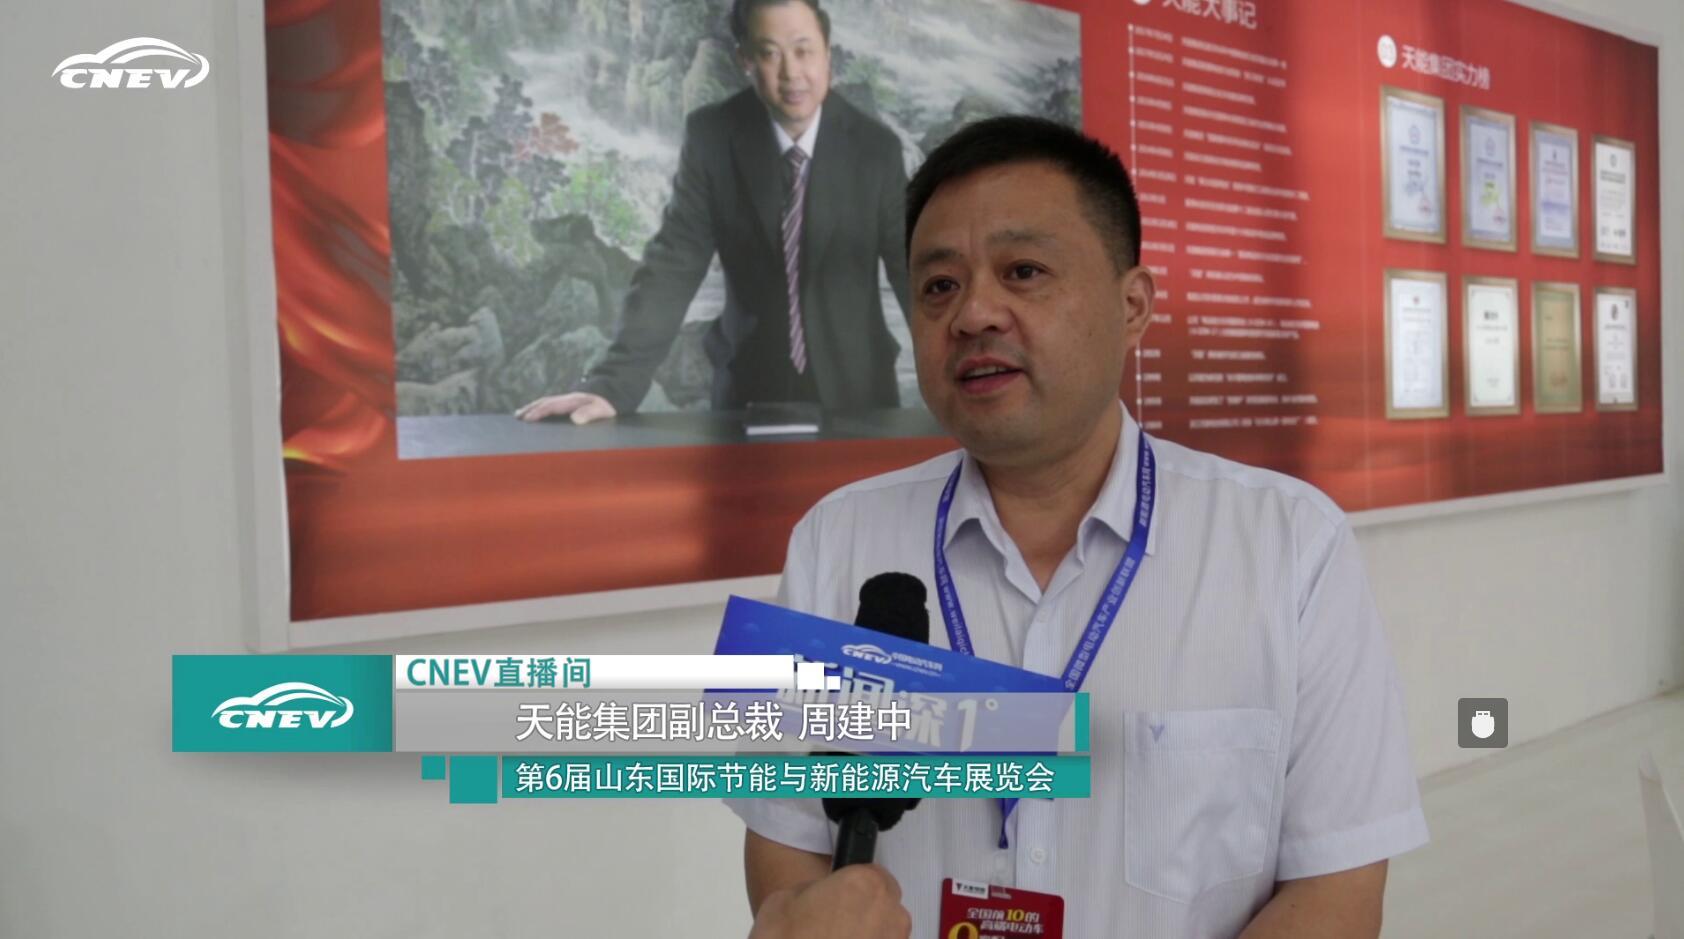 【直击济南展】CNEV专访天能集团周建中